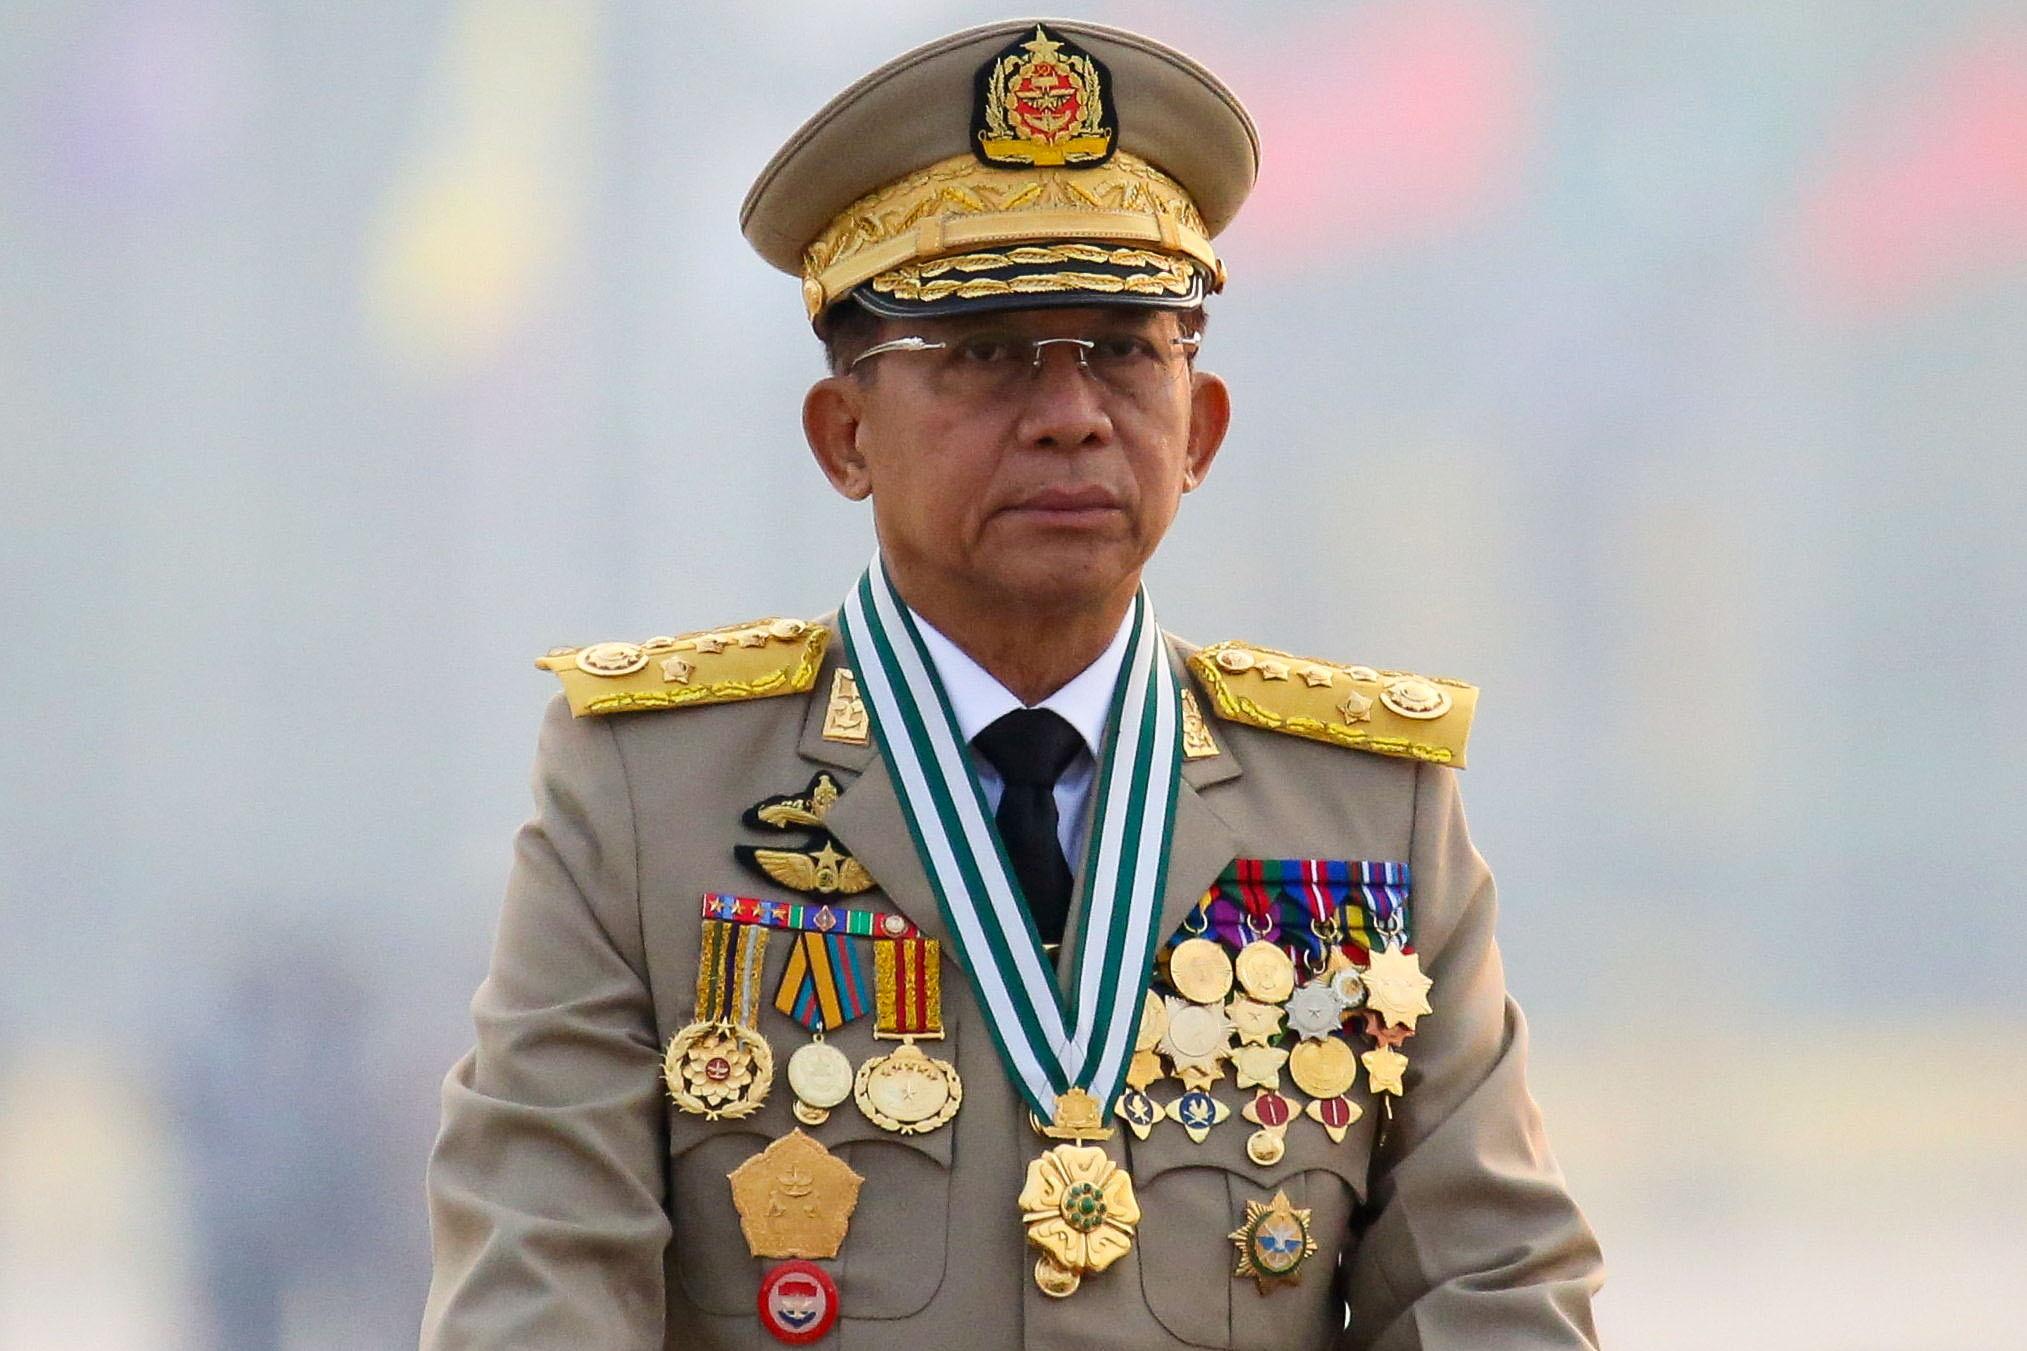 Μιανμάρ: Ο επικεφαλής της δικτατορίας θα εκπροσωπήσει τη χώρα στην σύνοδο ASEAN